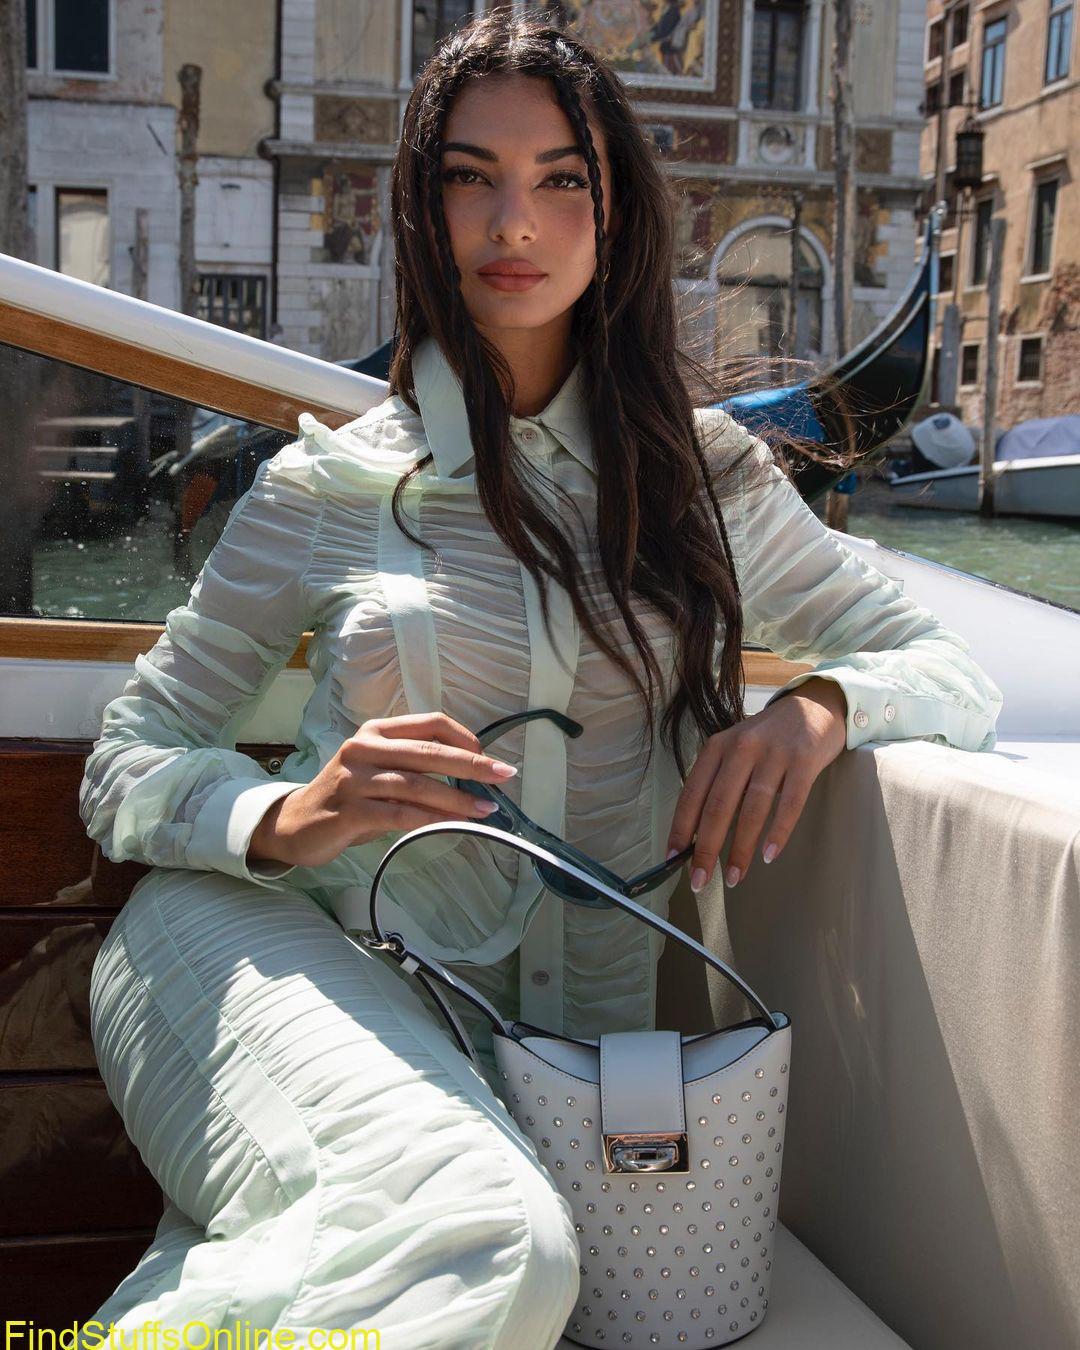 ELISA MAINO hot images 1